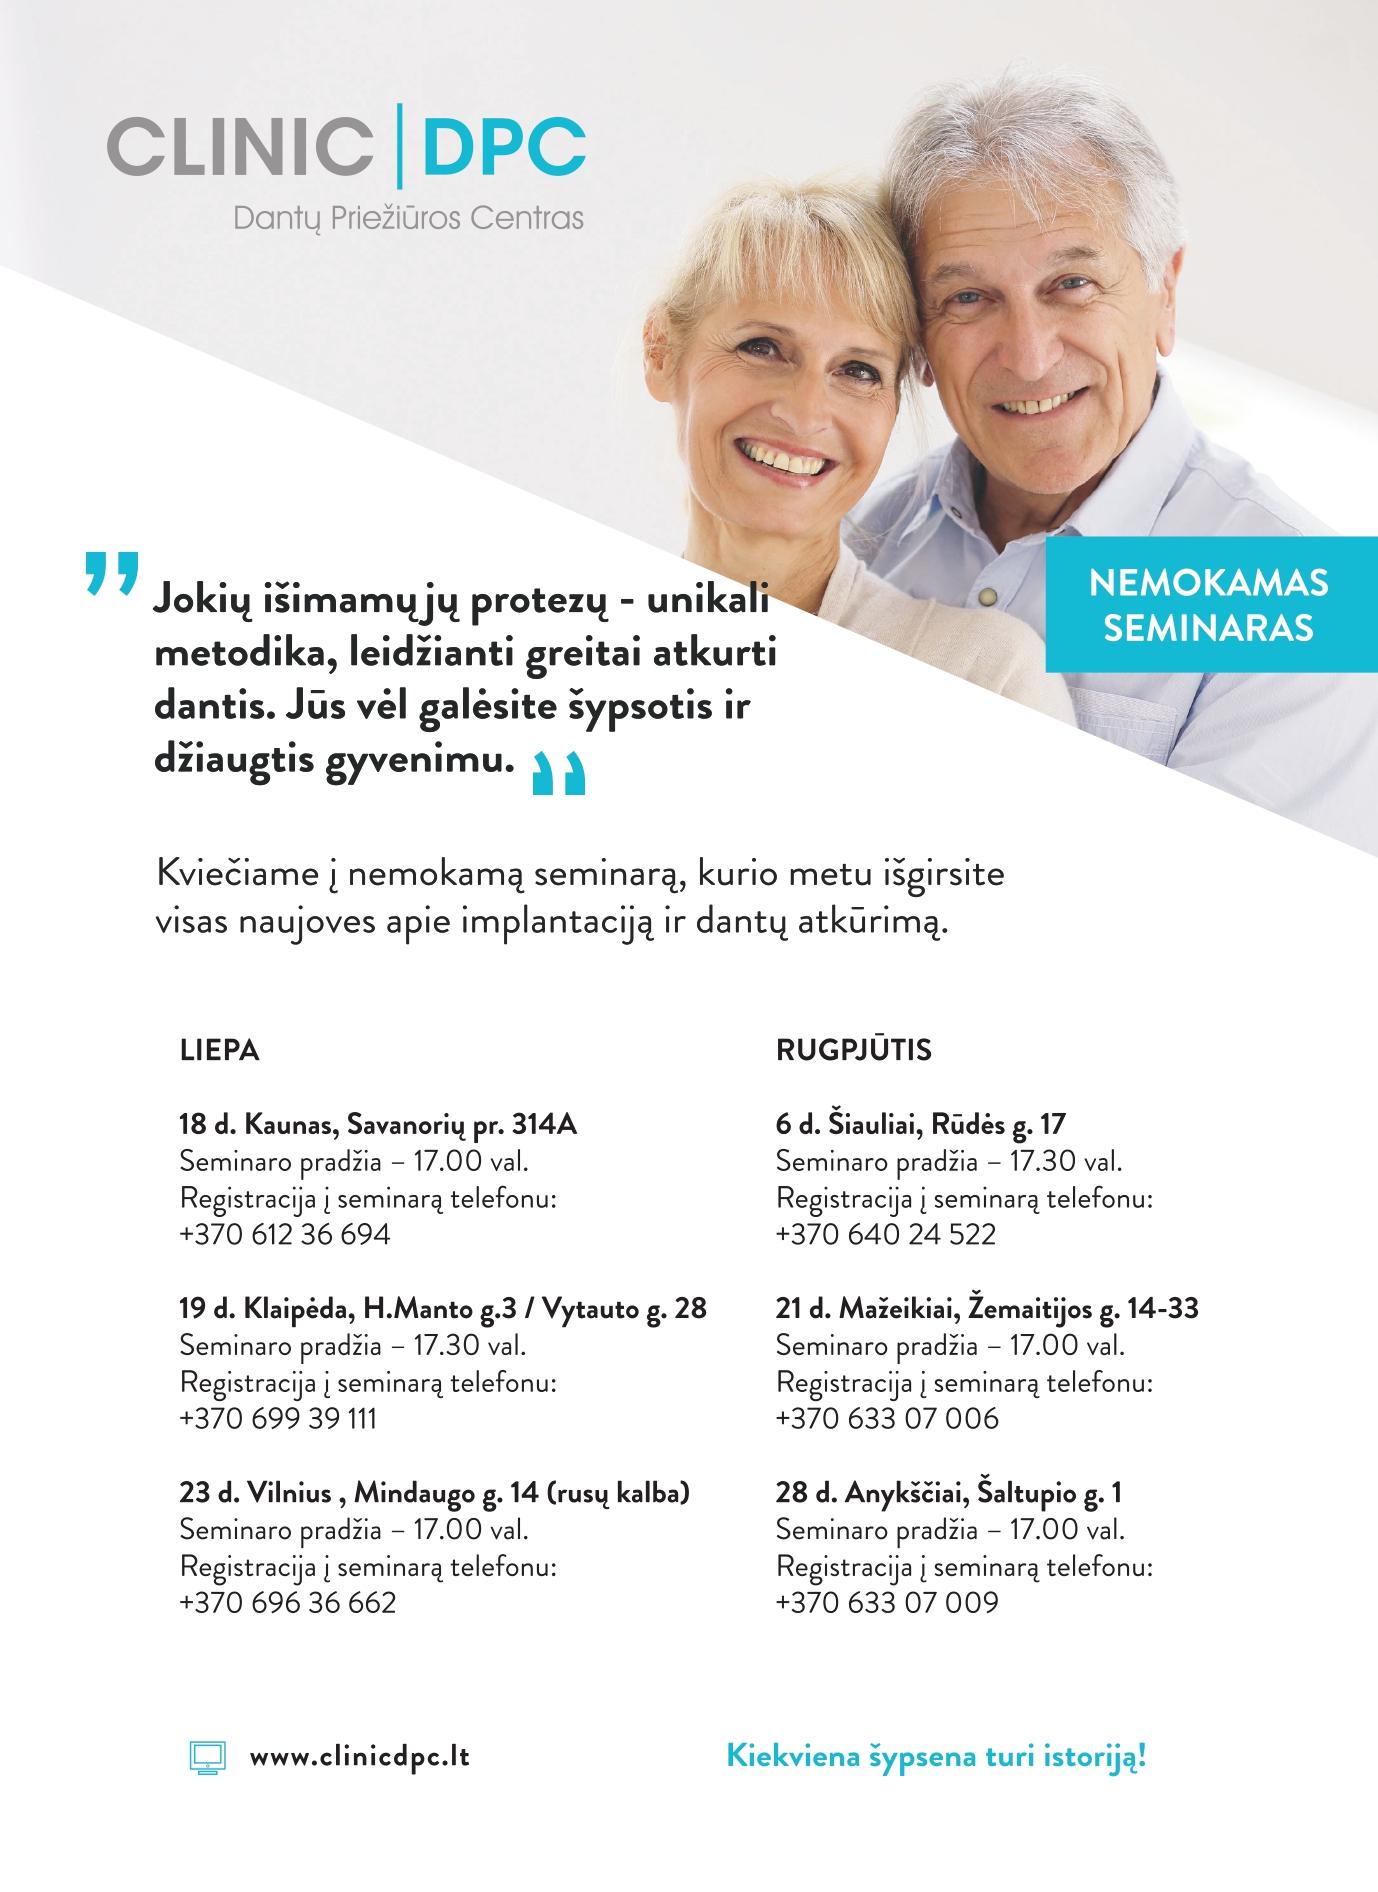 clinic dpc